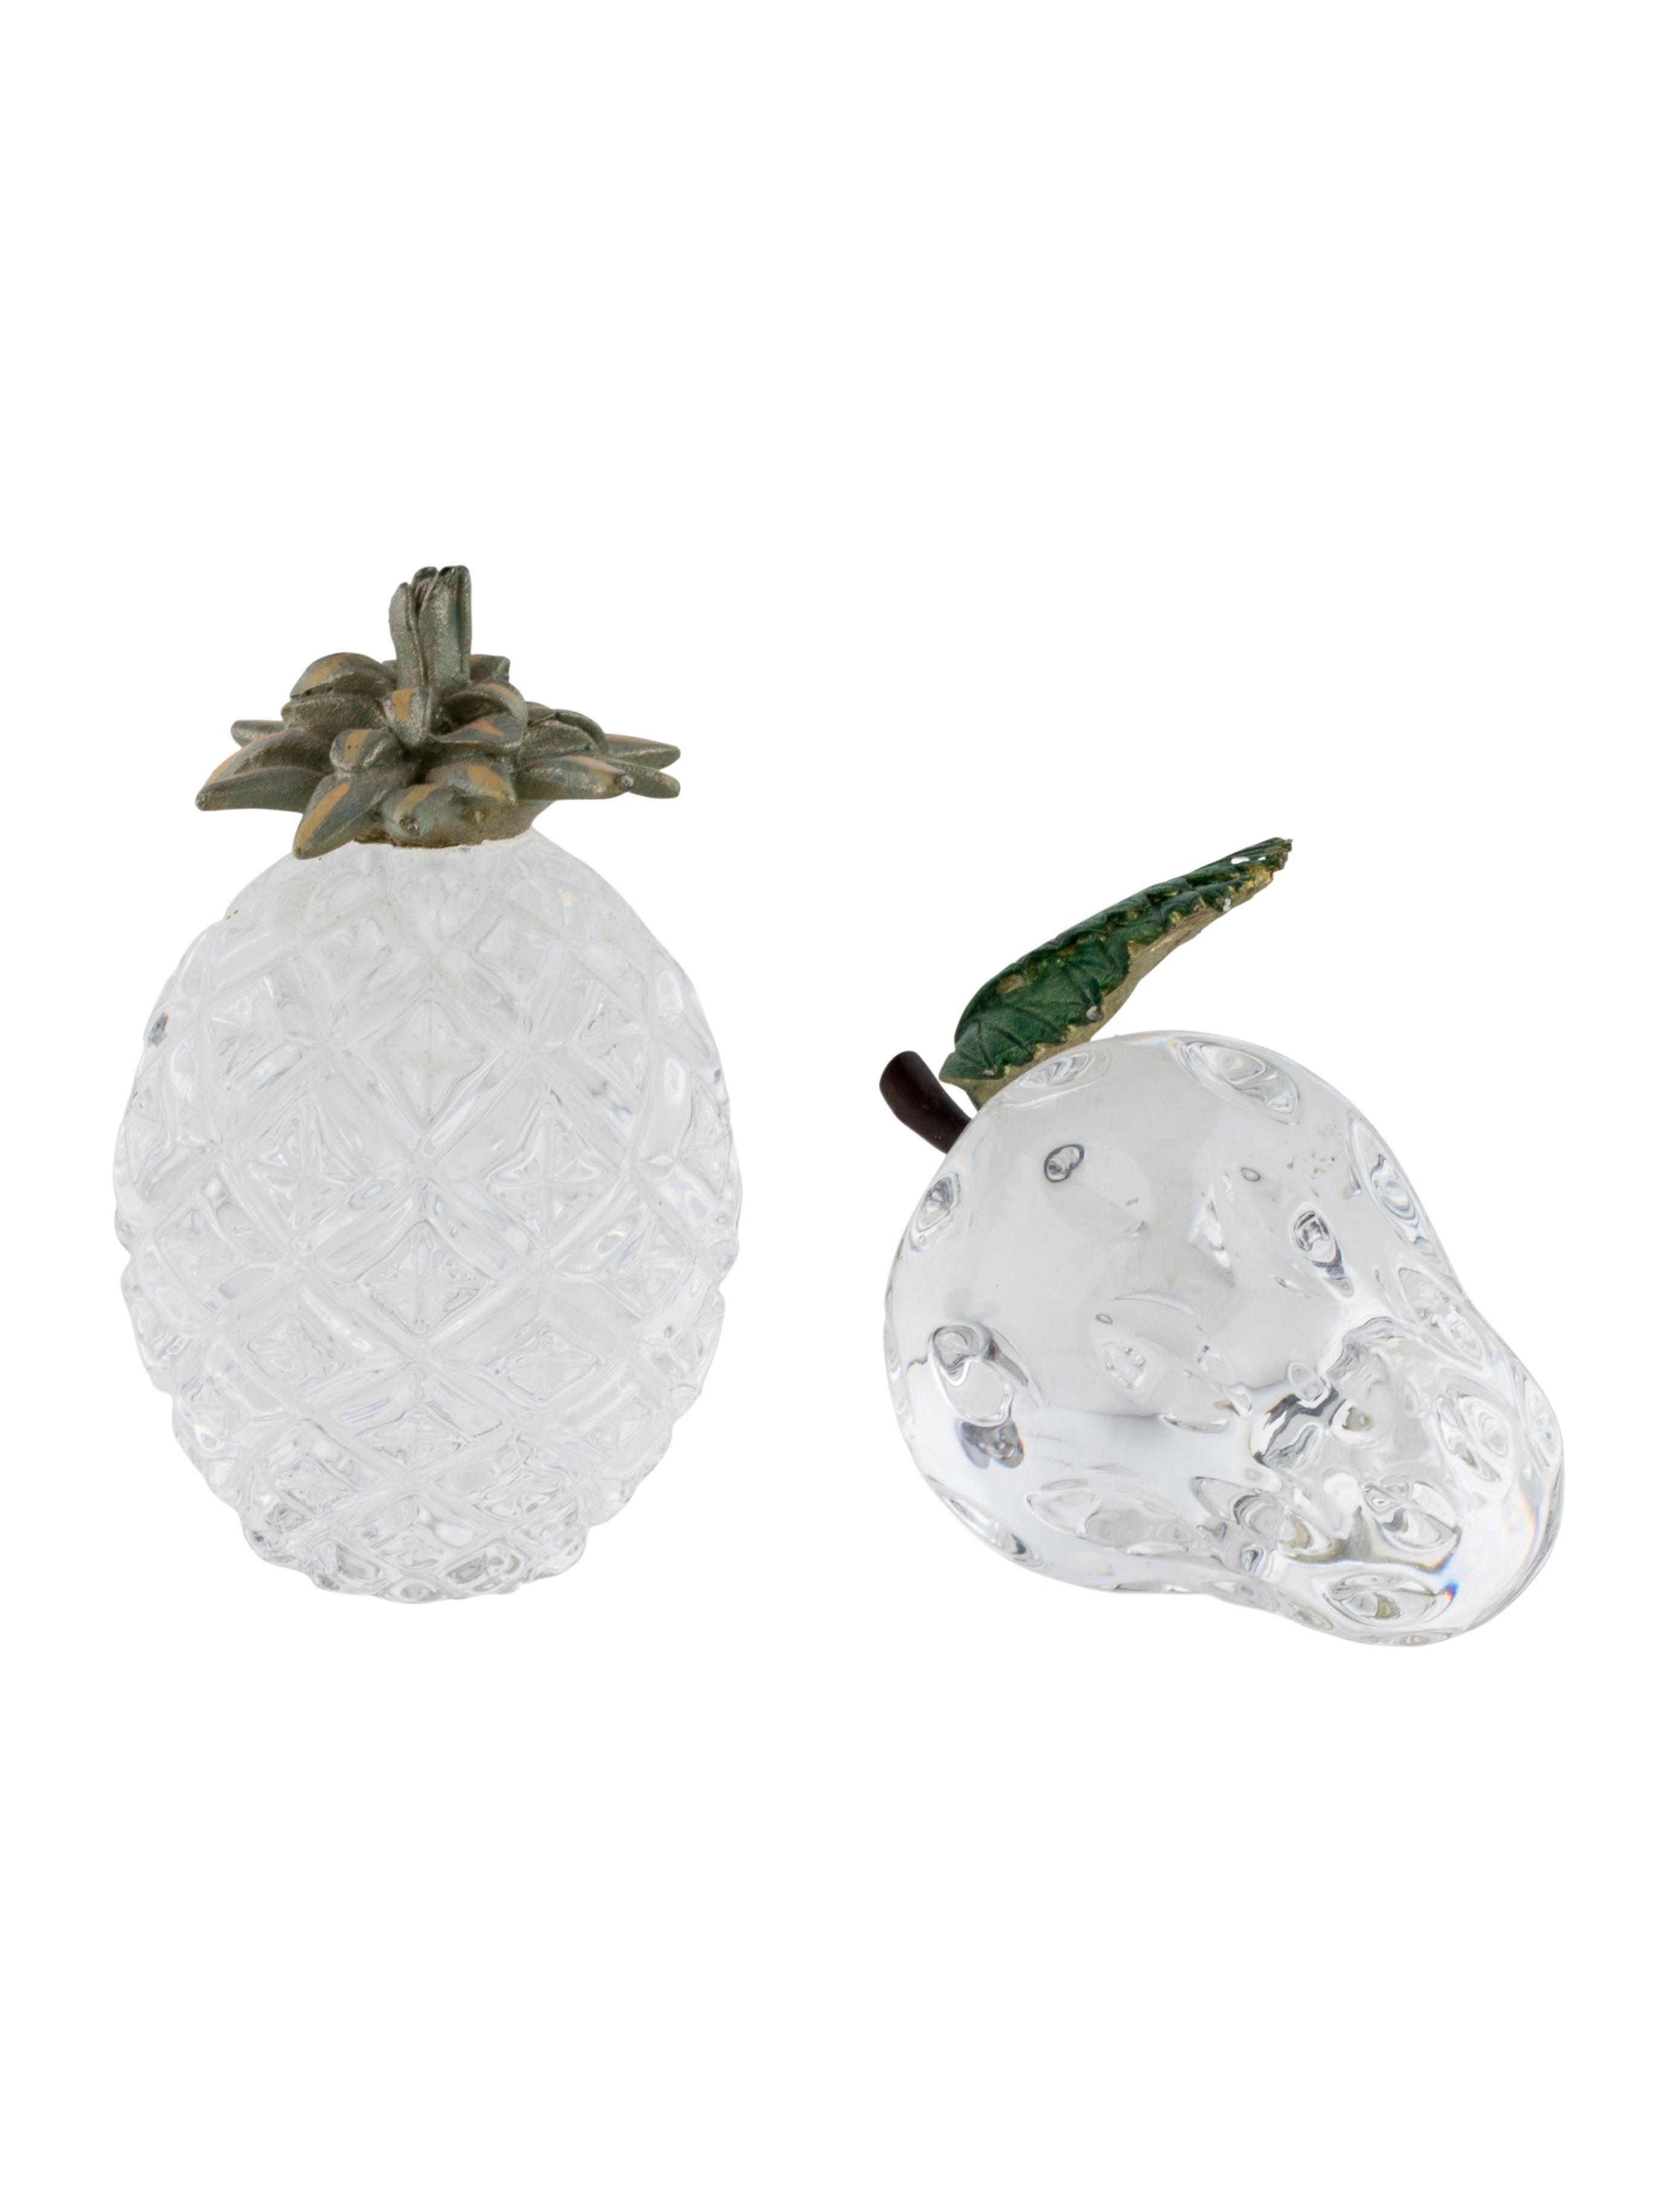 Miniature crystal ornaments - Miniature Crystal Fruit